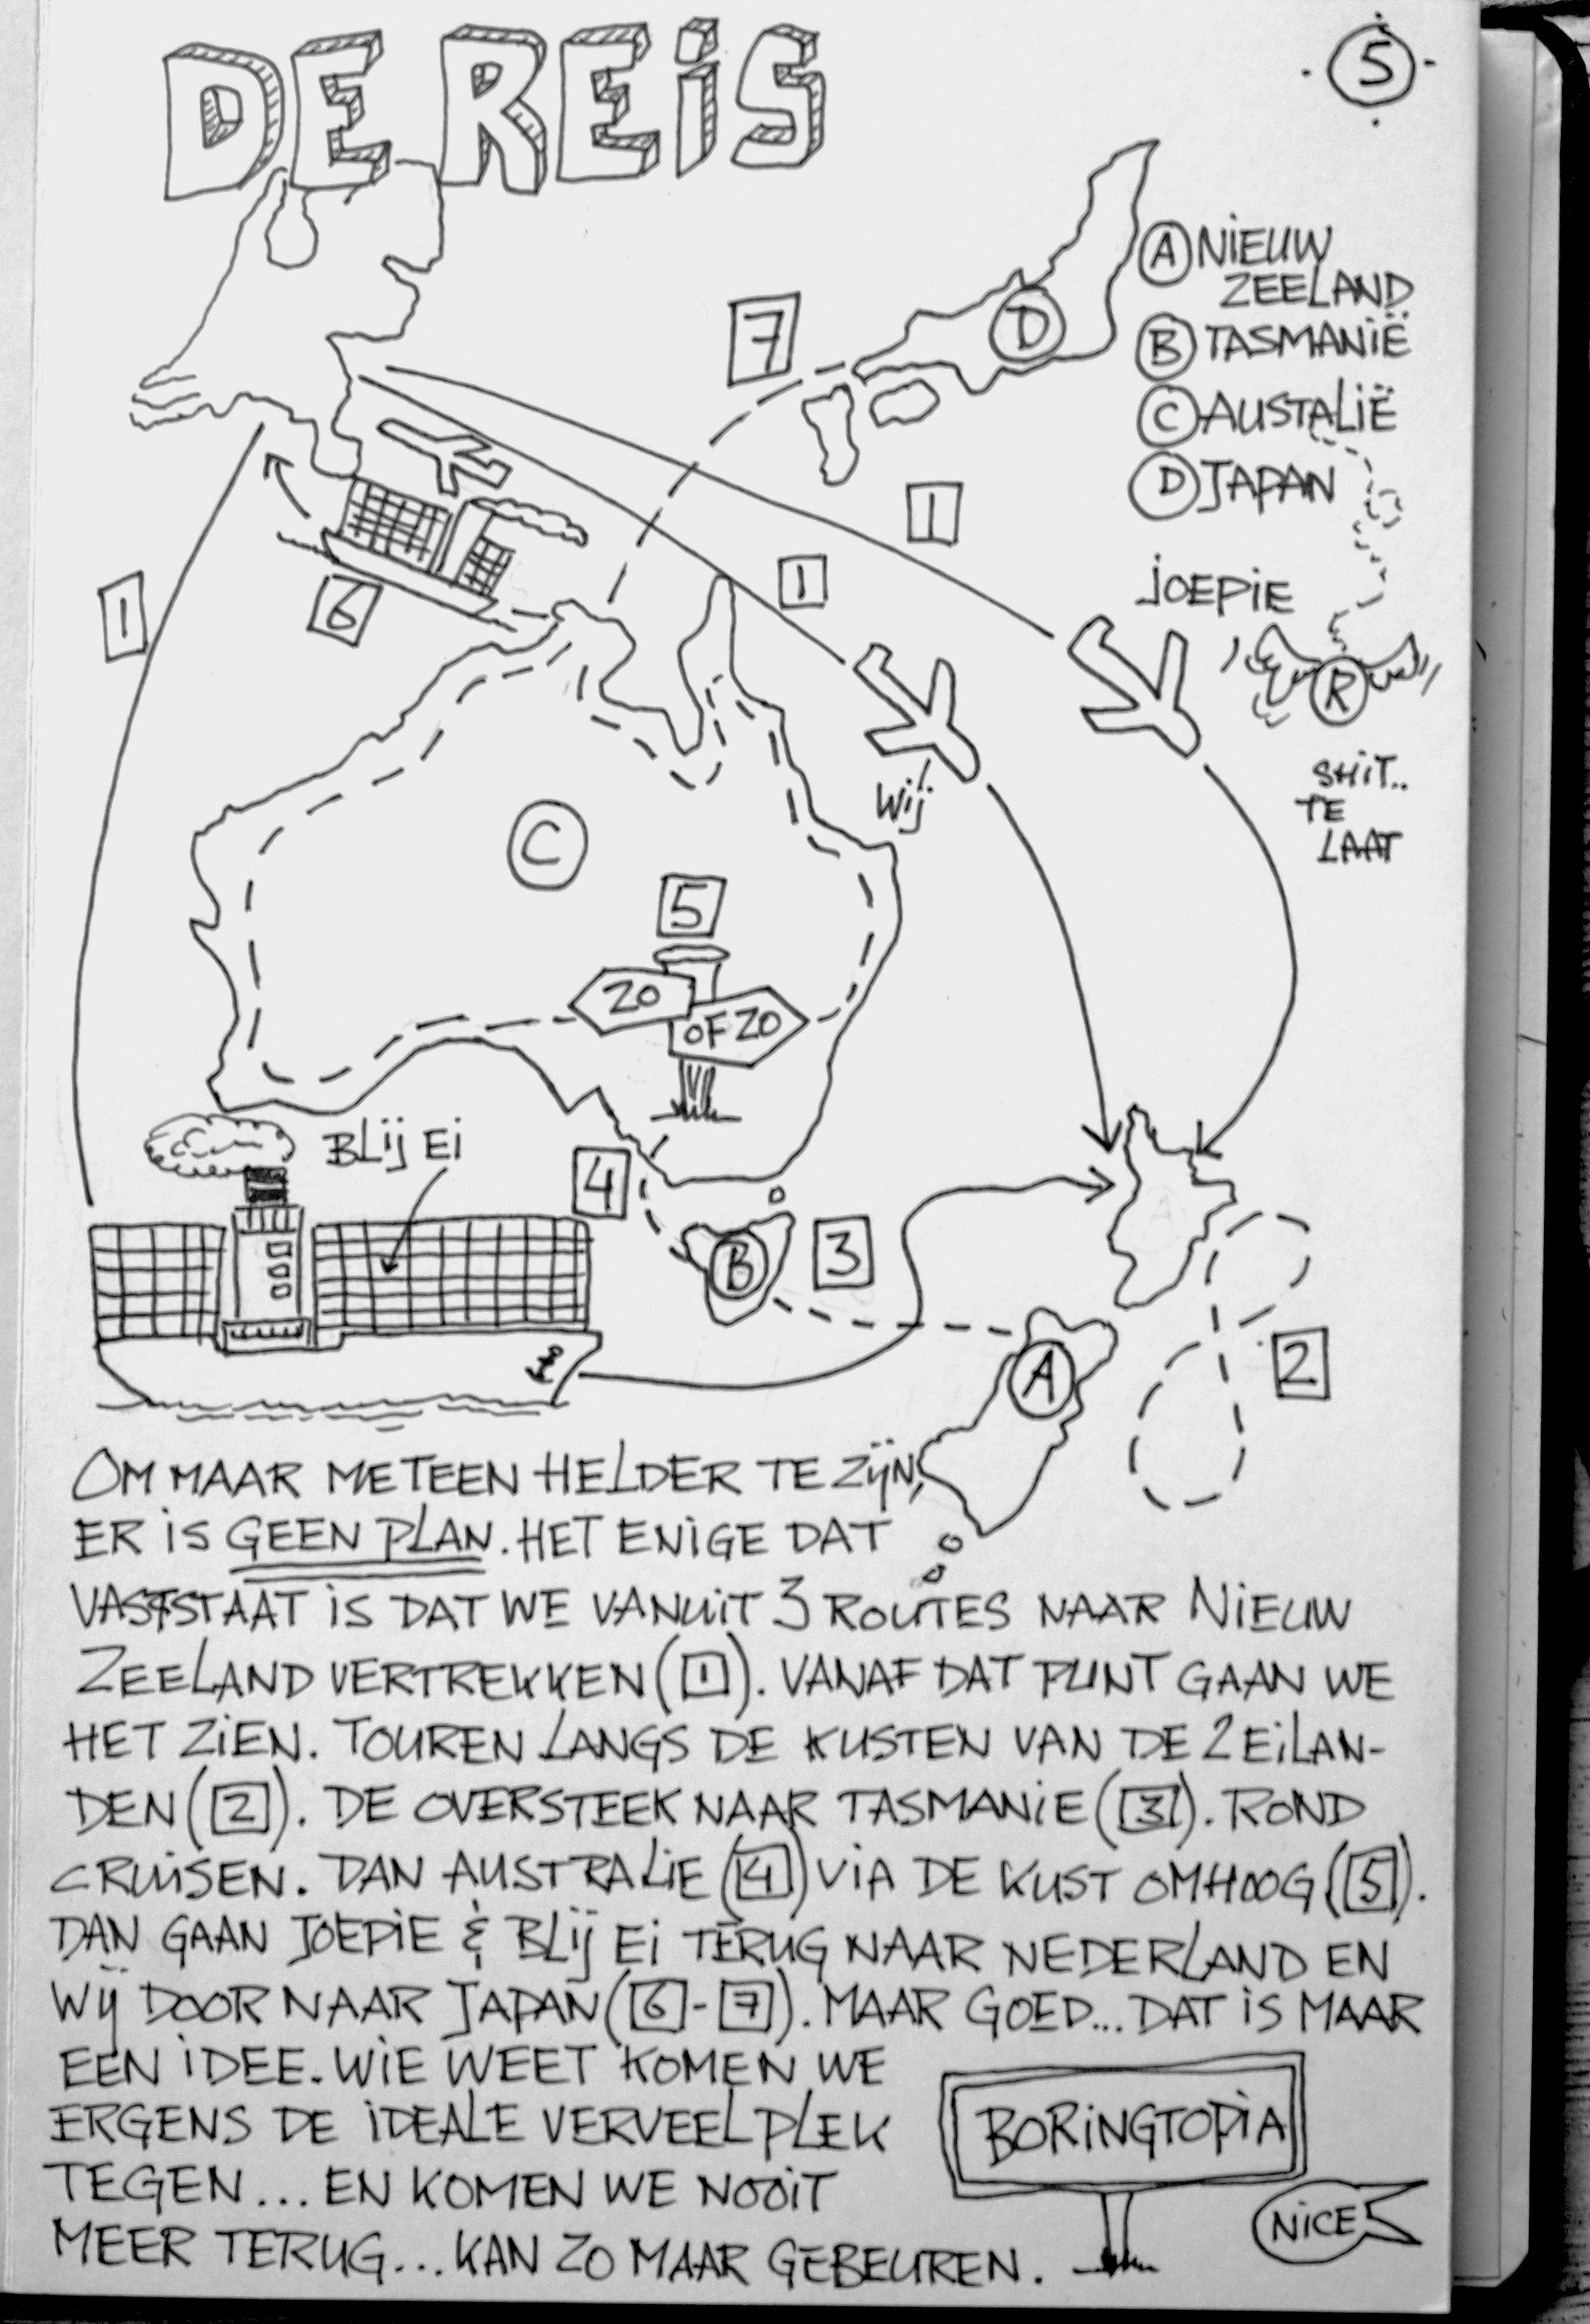 EPISODE 5: De reis op hoofdlijnen. 1 ding is zeker, er is geen plan. We gaan het zien.